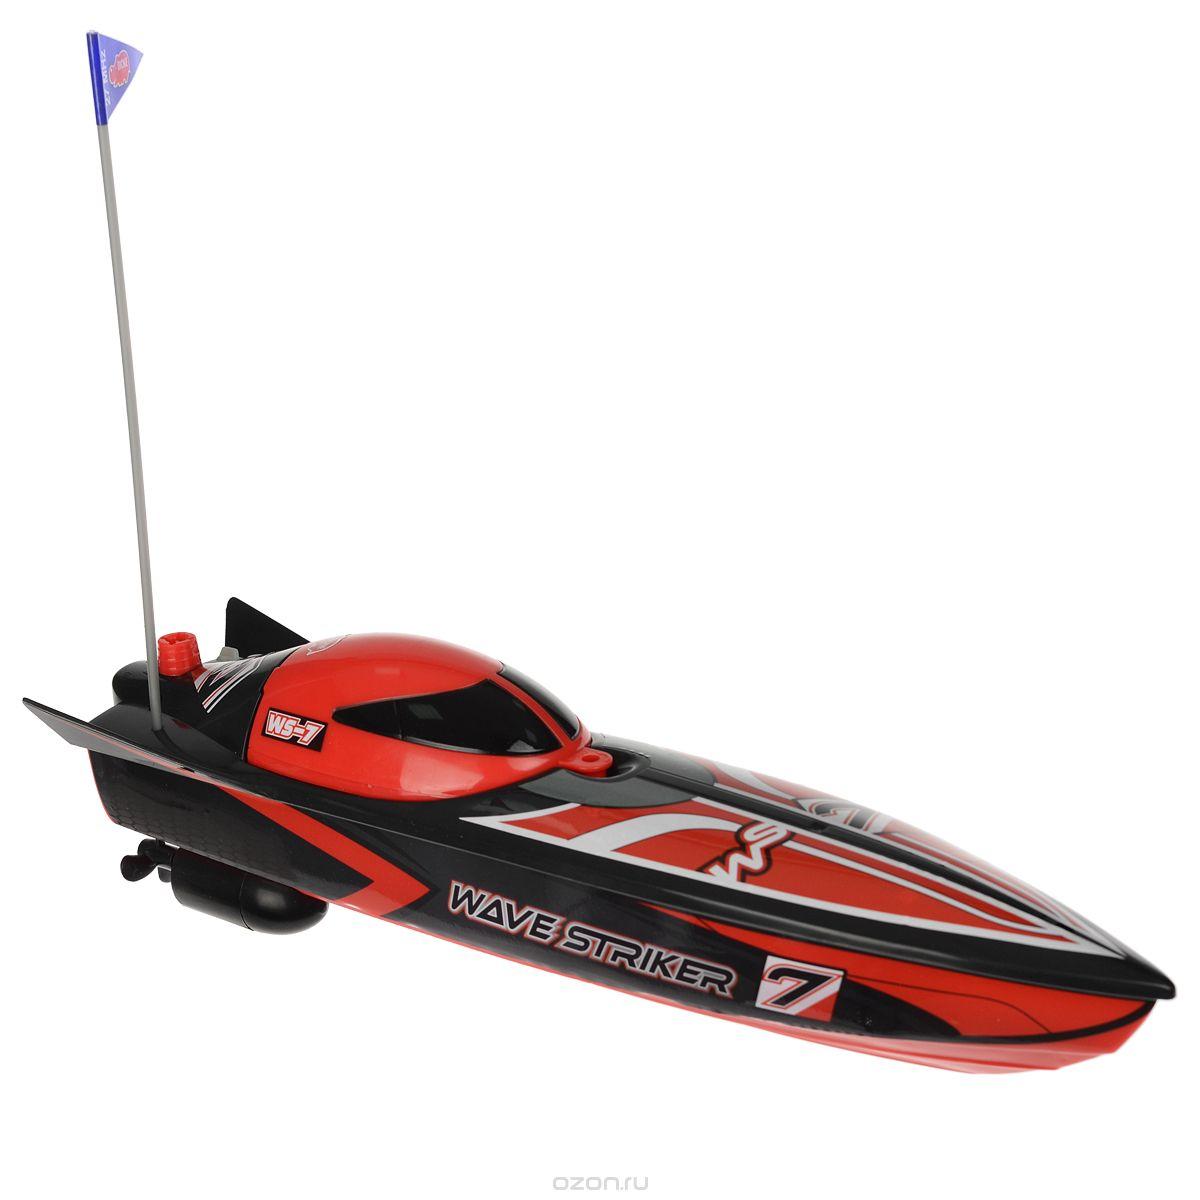 Спортивная лодка на радиоуправлении Wave Striker привлечет к себе внимание не только ребенка, но и взрослого, и станет отличным подарком любителю водной техники. Модель с двухканальным управлением изготовлена из прочных материалов и обладает высокой стабильностью движения, что позволяет полностью контролировать его процесс, управляя уверенно и без суеты. При помощи пульта управления лодка может перемещаться вперед-влево-вправо, назад-влево-вправо и останавливаться. Максимальная скорость движения - 2 км/ч. В наборе: лодка, флажок, пульт радиоуправления и инструкция по эксплуатации на русском языке. Ваш ребенок часами будет играть с моделью, придумывая различные истории и устраивая соревнования. Порадуйте его таким замечательным подарком! Лодка работает от 3 батарей напряжением 1,5V типа AA (входят в комплект). Пульт управления работает от 2 батарей напряжением 1,5V типа AAА (входят в комплект).